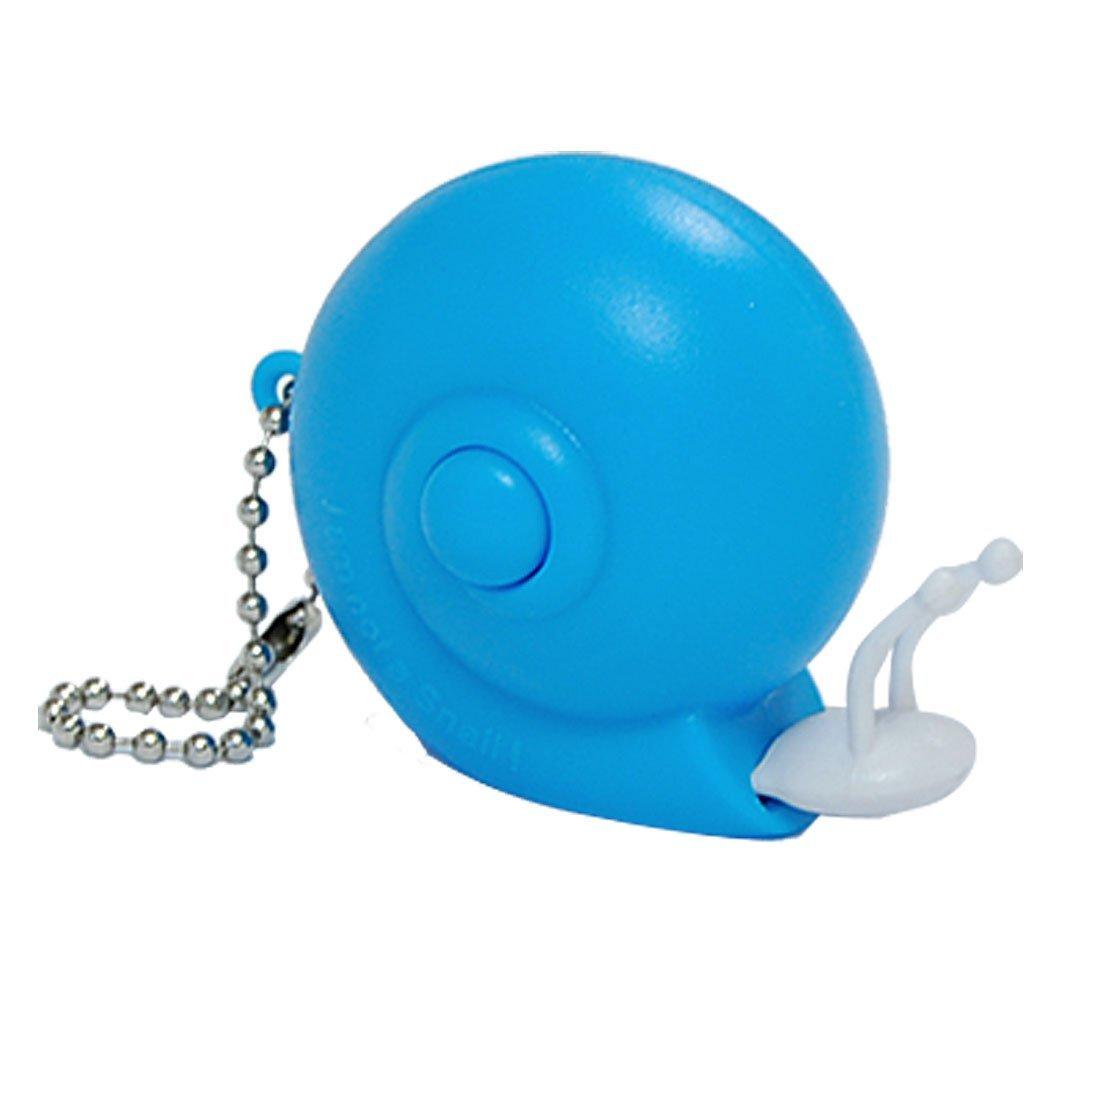 SODIAL(R)Azul Cinta metrica de caracol de plastico Regla con llavero 1M